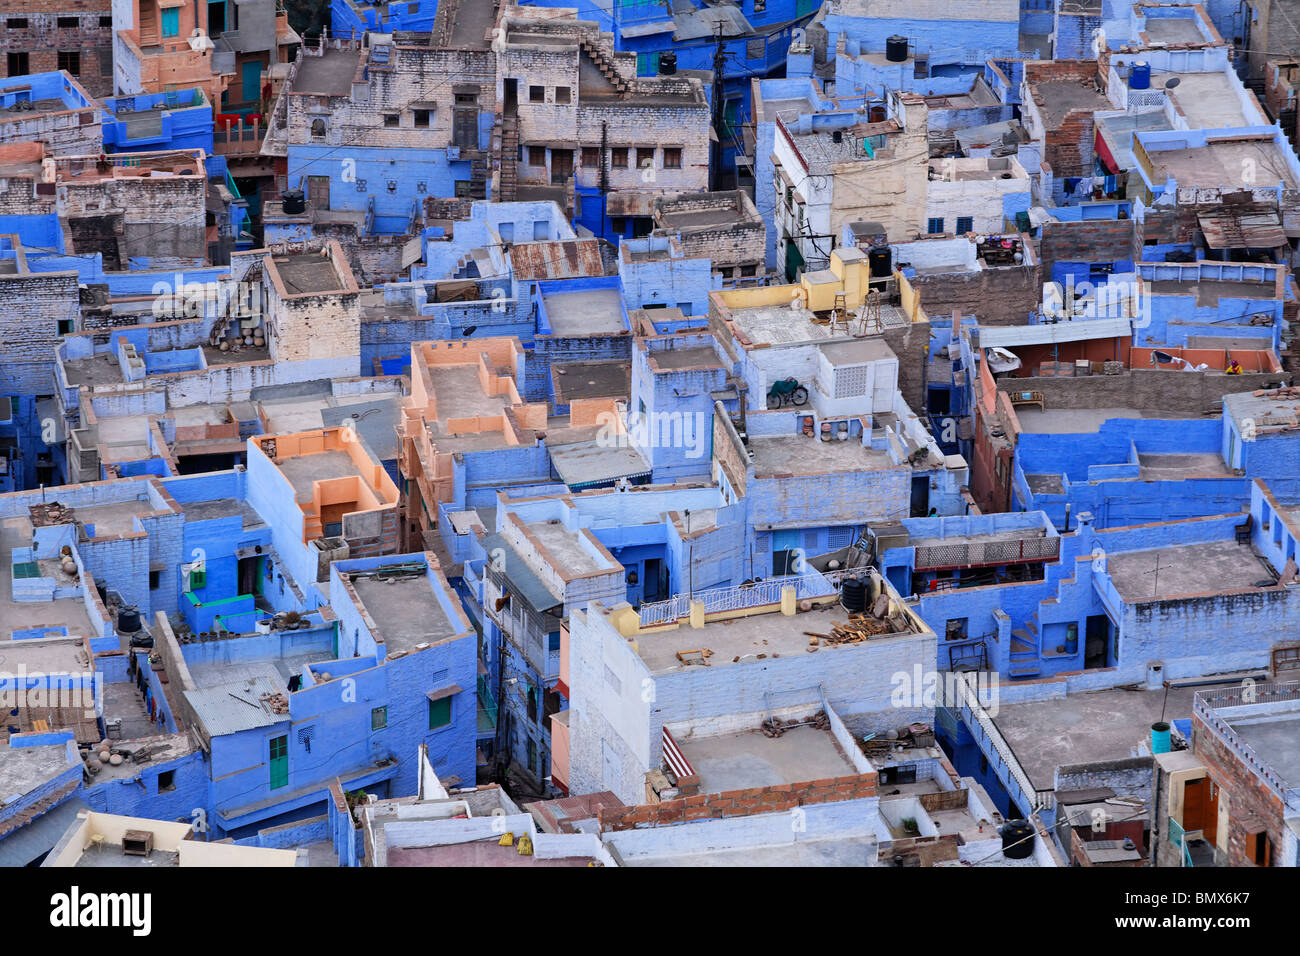 La ville bleue, Jodhpur, Rajasthan, India Banque D'Images